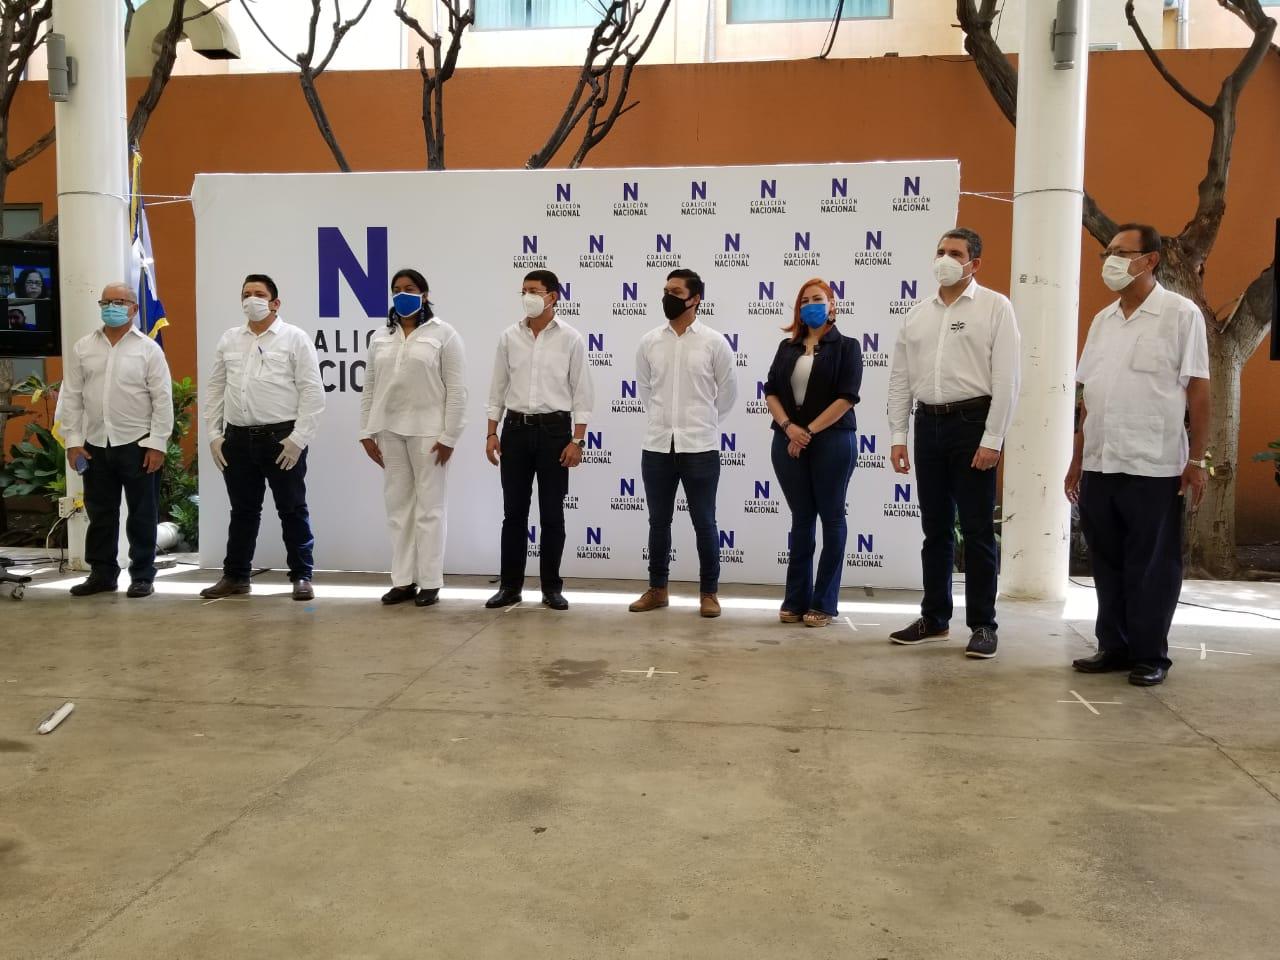 Coalición Nacional se compromete a dejar atrás «los vicios de reelección y el caudillismo» para enfrentar unidos al orteguismo. Foto: Artículo 66